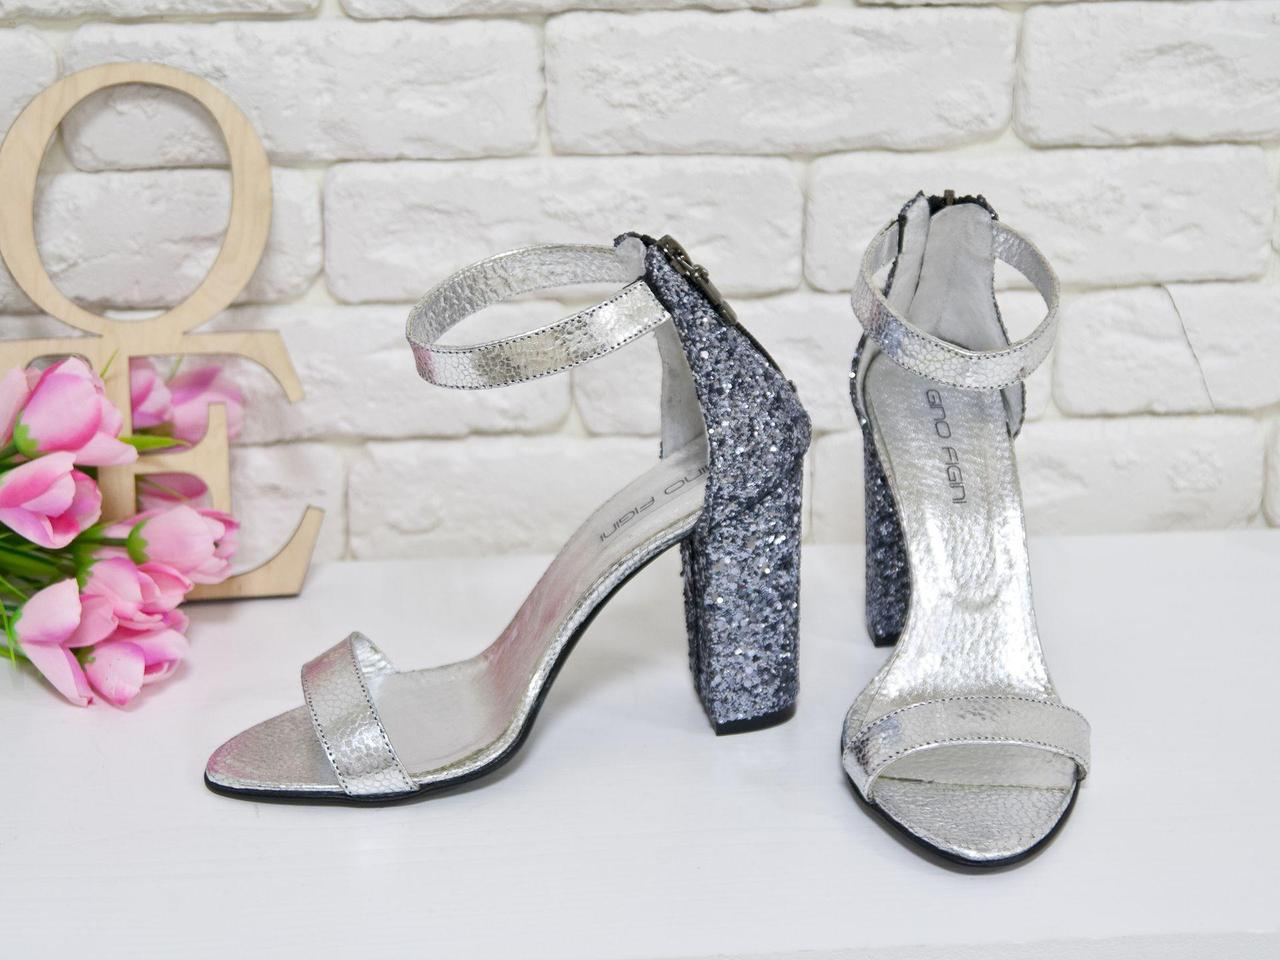 Босоножки из натуральной кожи серебряного цвета и текстиля блестящая крошка, на устойчивом каблуке